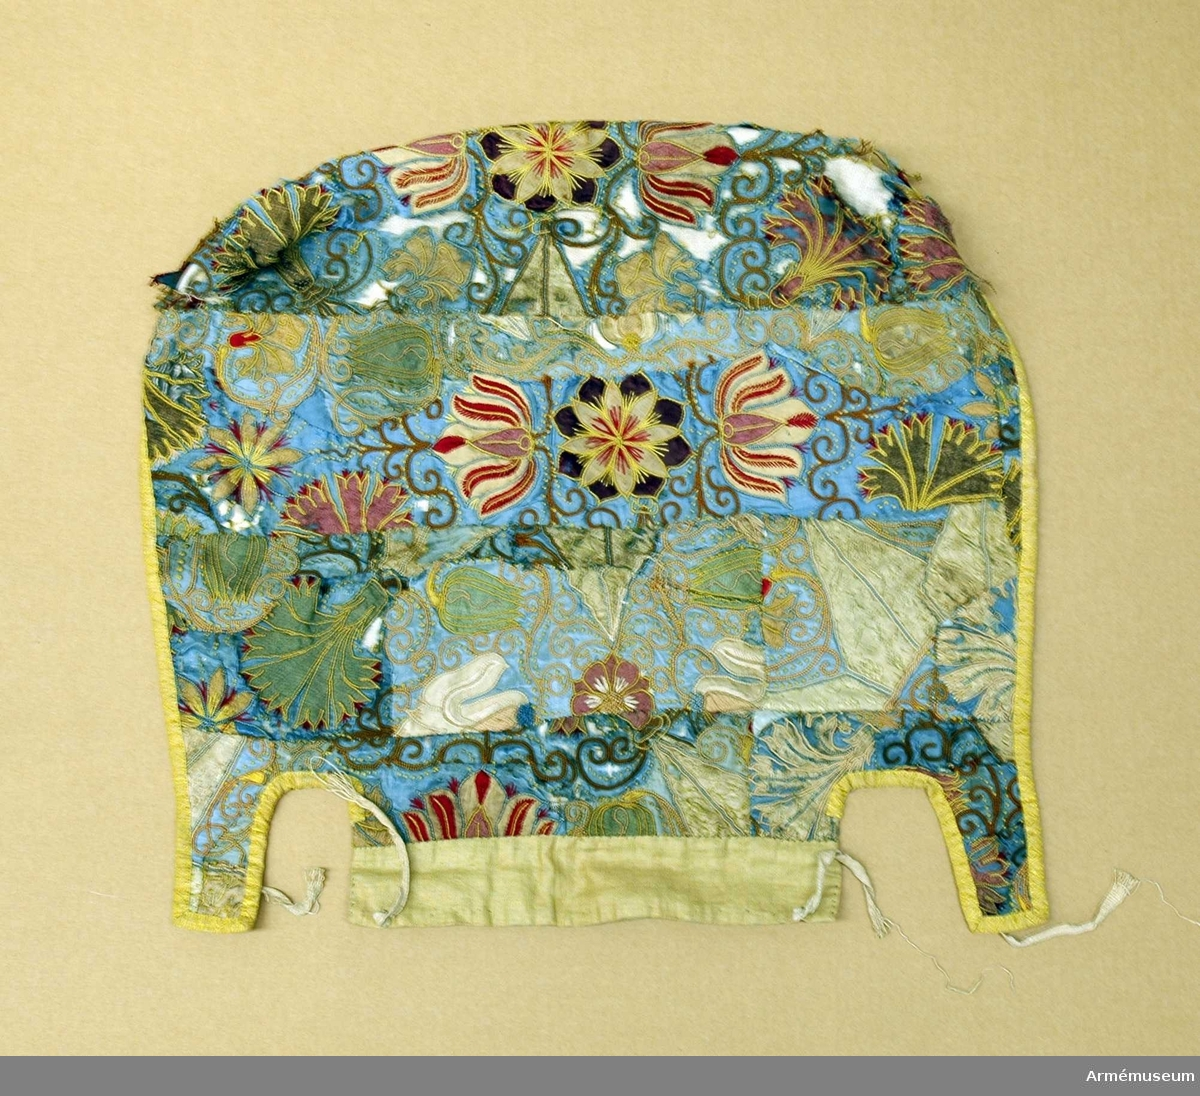 Stolsklädseln är hopfogad av olikfärgade sidenbitar med blomstermotiv i applikation, broderade med läggsöm, stjälkstygn, plattsöm, knutsöm med flera sömnadssätt. Klädseln är fodrad med naturfärgat linne och kantad med ett gult mönstervävt band.   Motivet är vanligt på täcken och sängklädslar hos de adliga familjerna Banér, Bielke och Posse. De tidigaste dateringarna för likartade föremål härrör från 1616, 1630 och 1640.